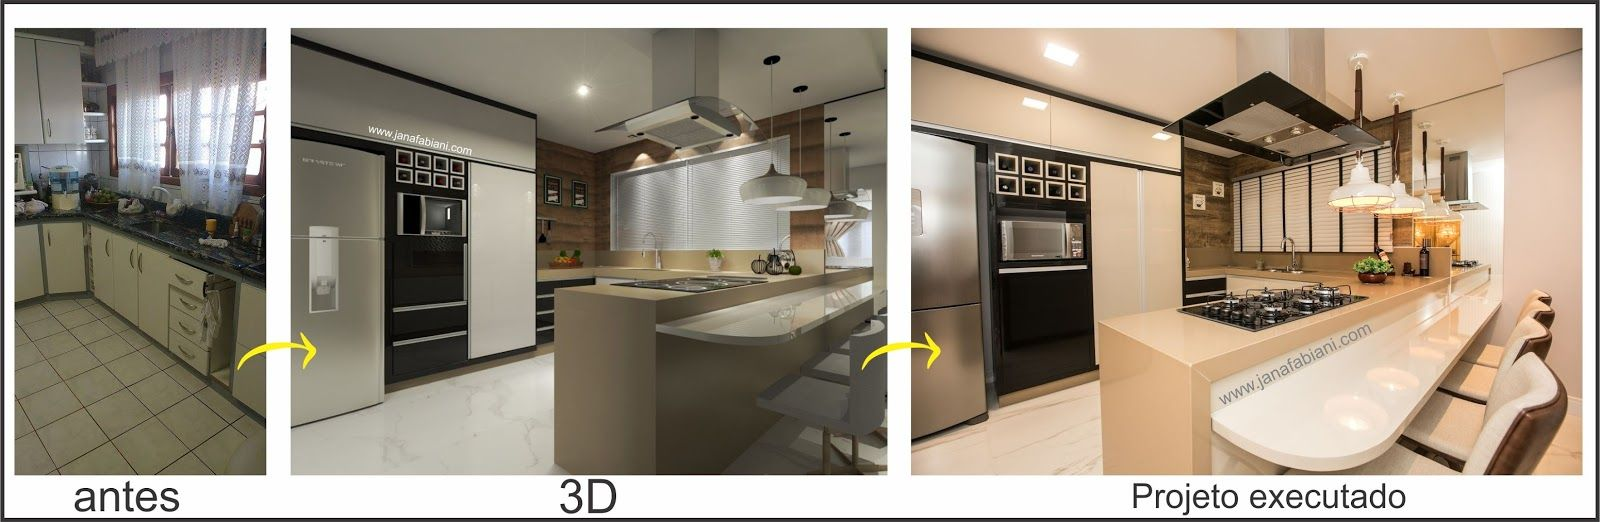 Reforma De Cozinha Antes E Depois Reforma De Cozinha Projeto 3d